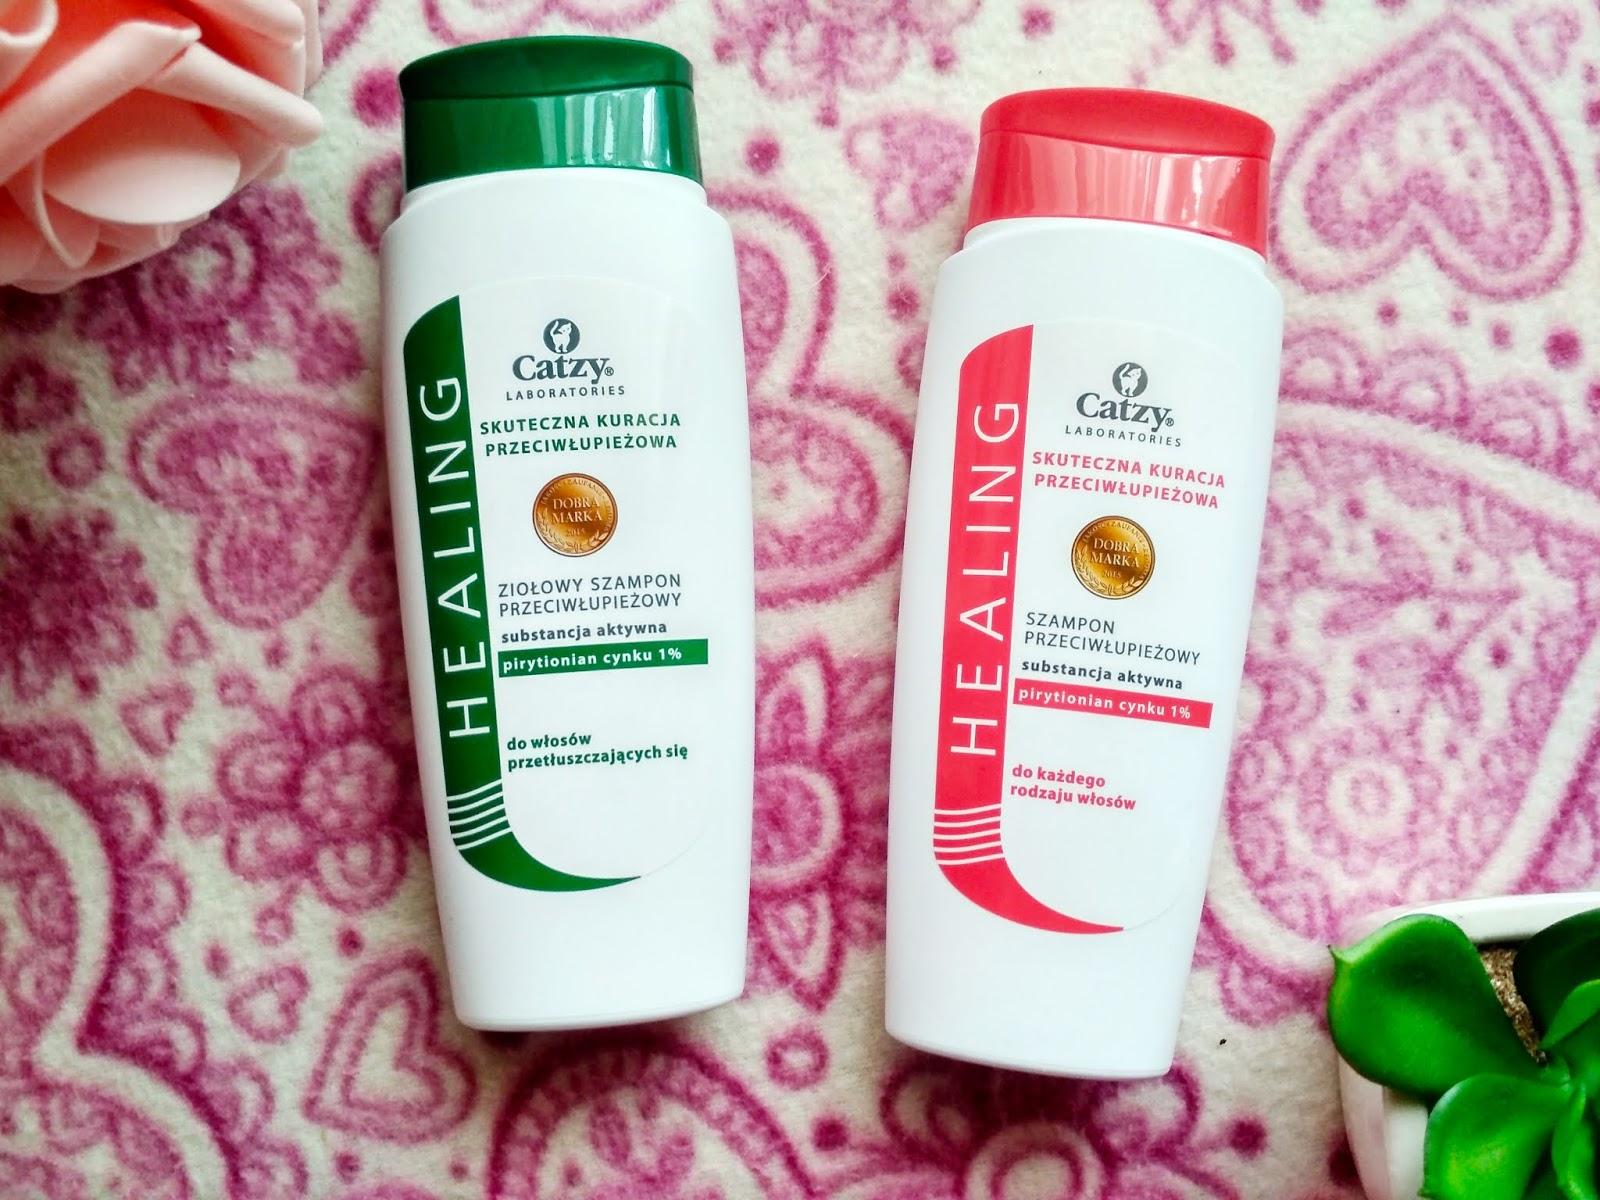 Recenzja - Catzy Healing szampony przeciwłupieżowe